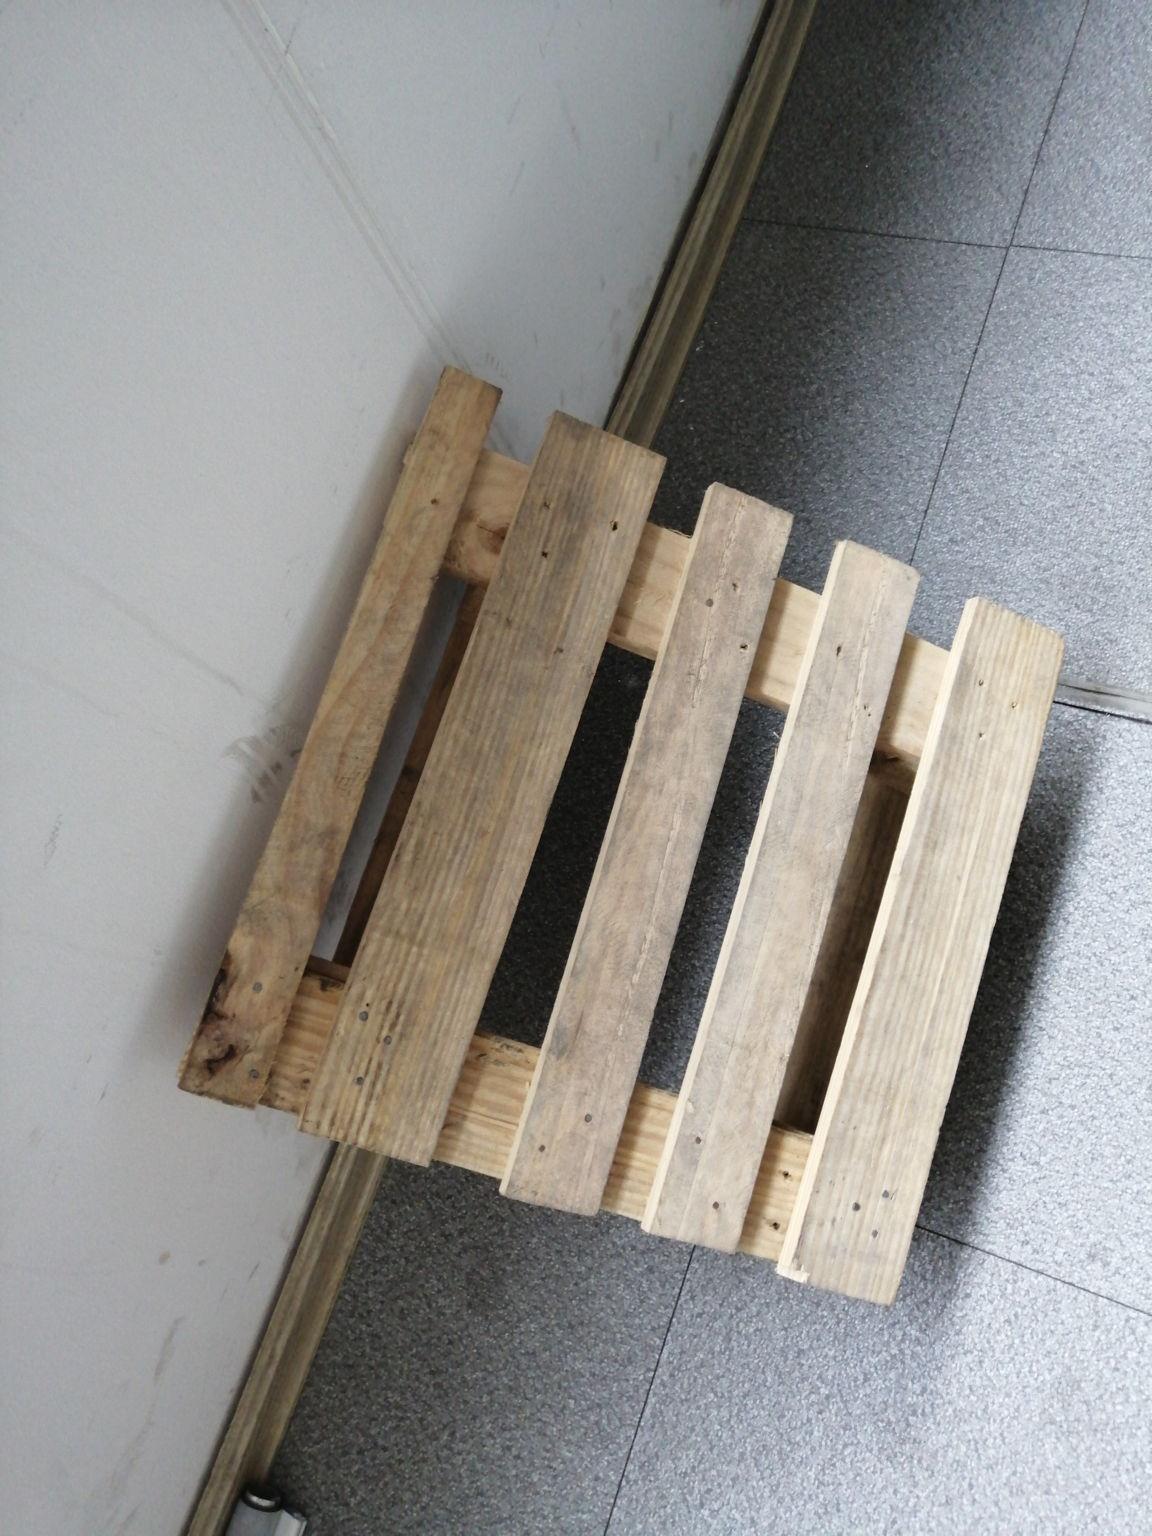 山东樟子松木板材厂家-山东樟子松木板材厂家、公司、?,✵✛Ⅸ≢♪?